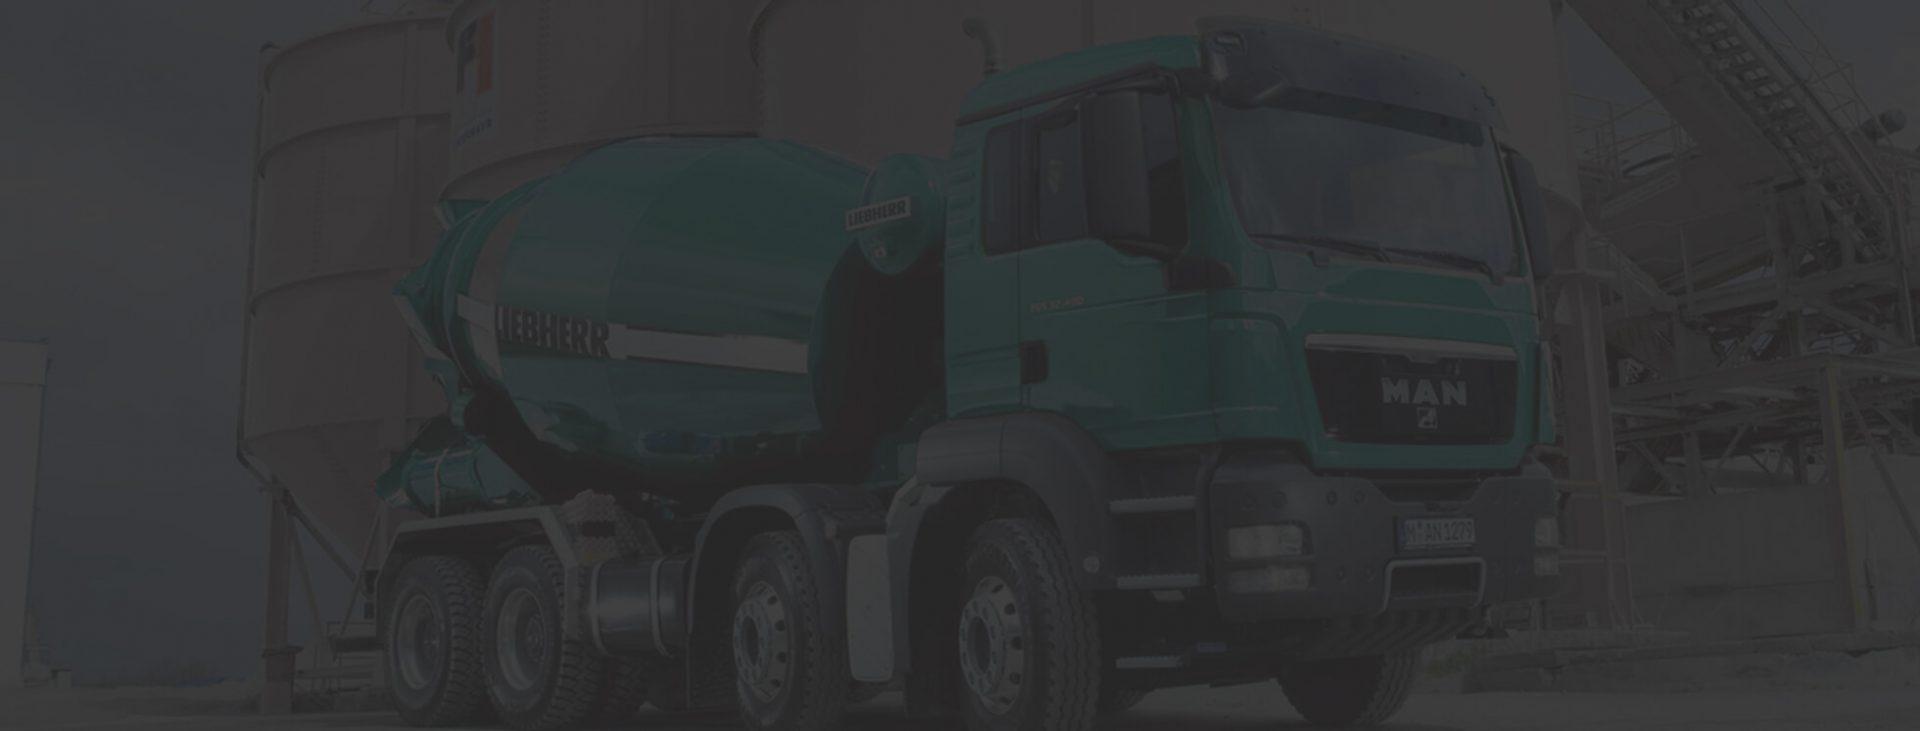 Бетоносмеситель жестких бетонных смесей пропитки для бетона купить в спб